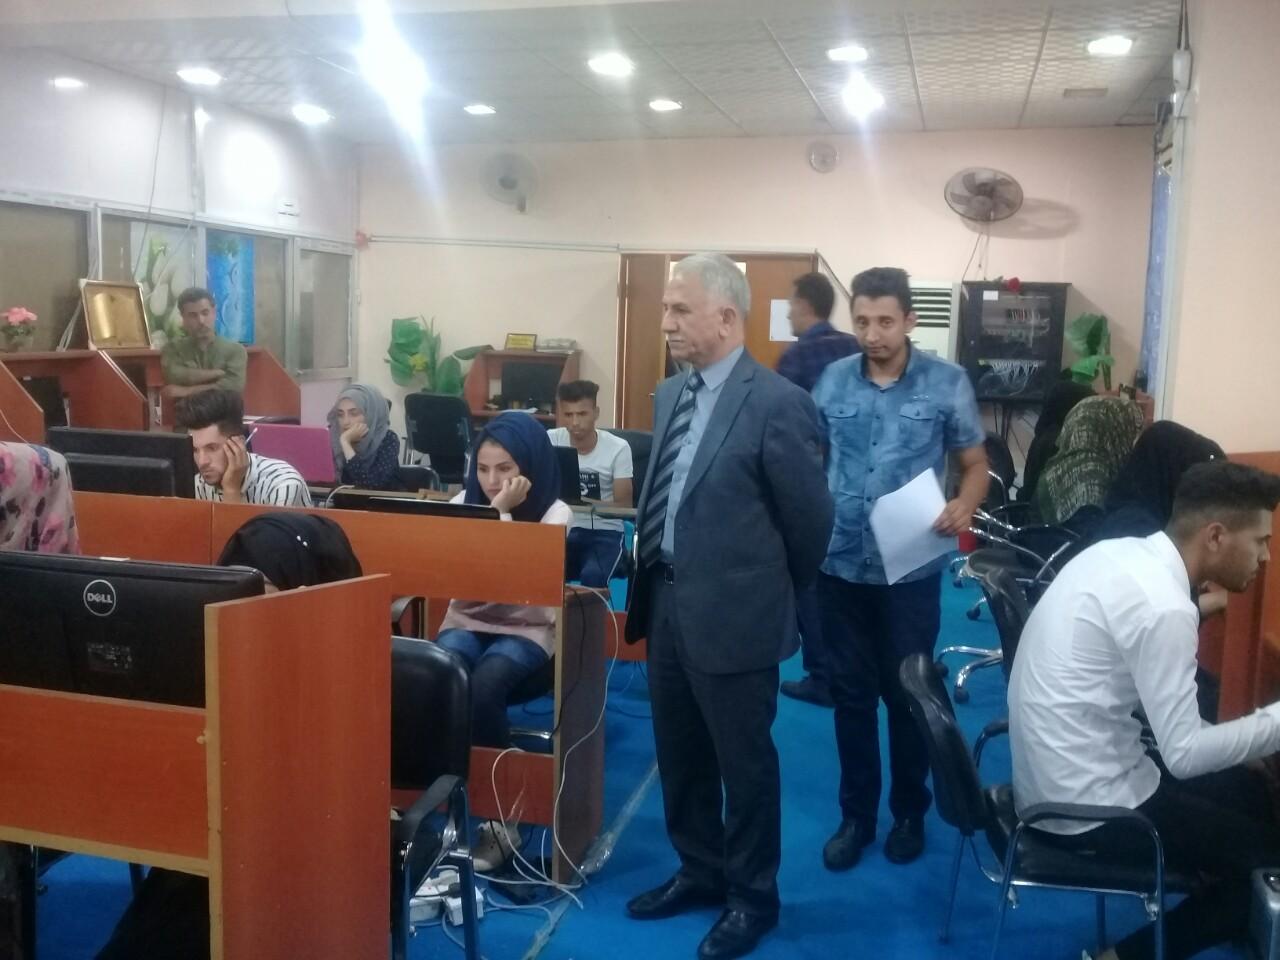 كلية العلوم في جامعة القادسية تجري الامتحان الالكتروني لمادتي الحاسبات واللغة الانكليزية